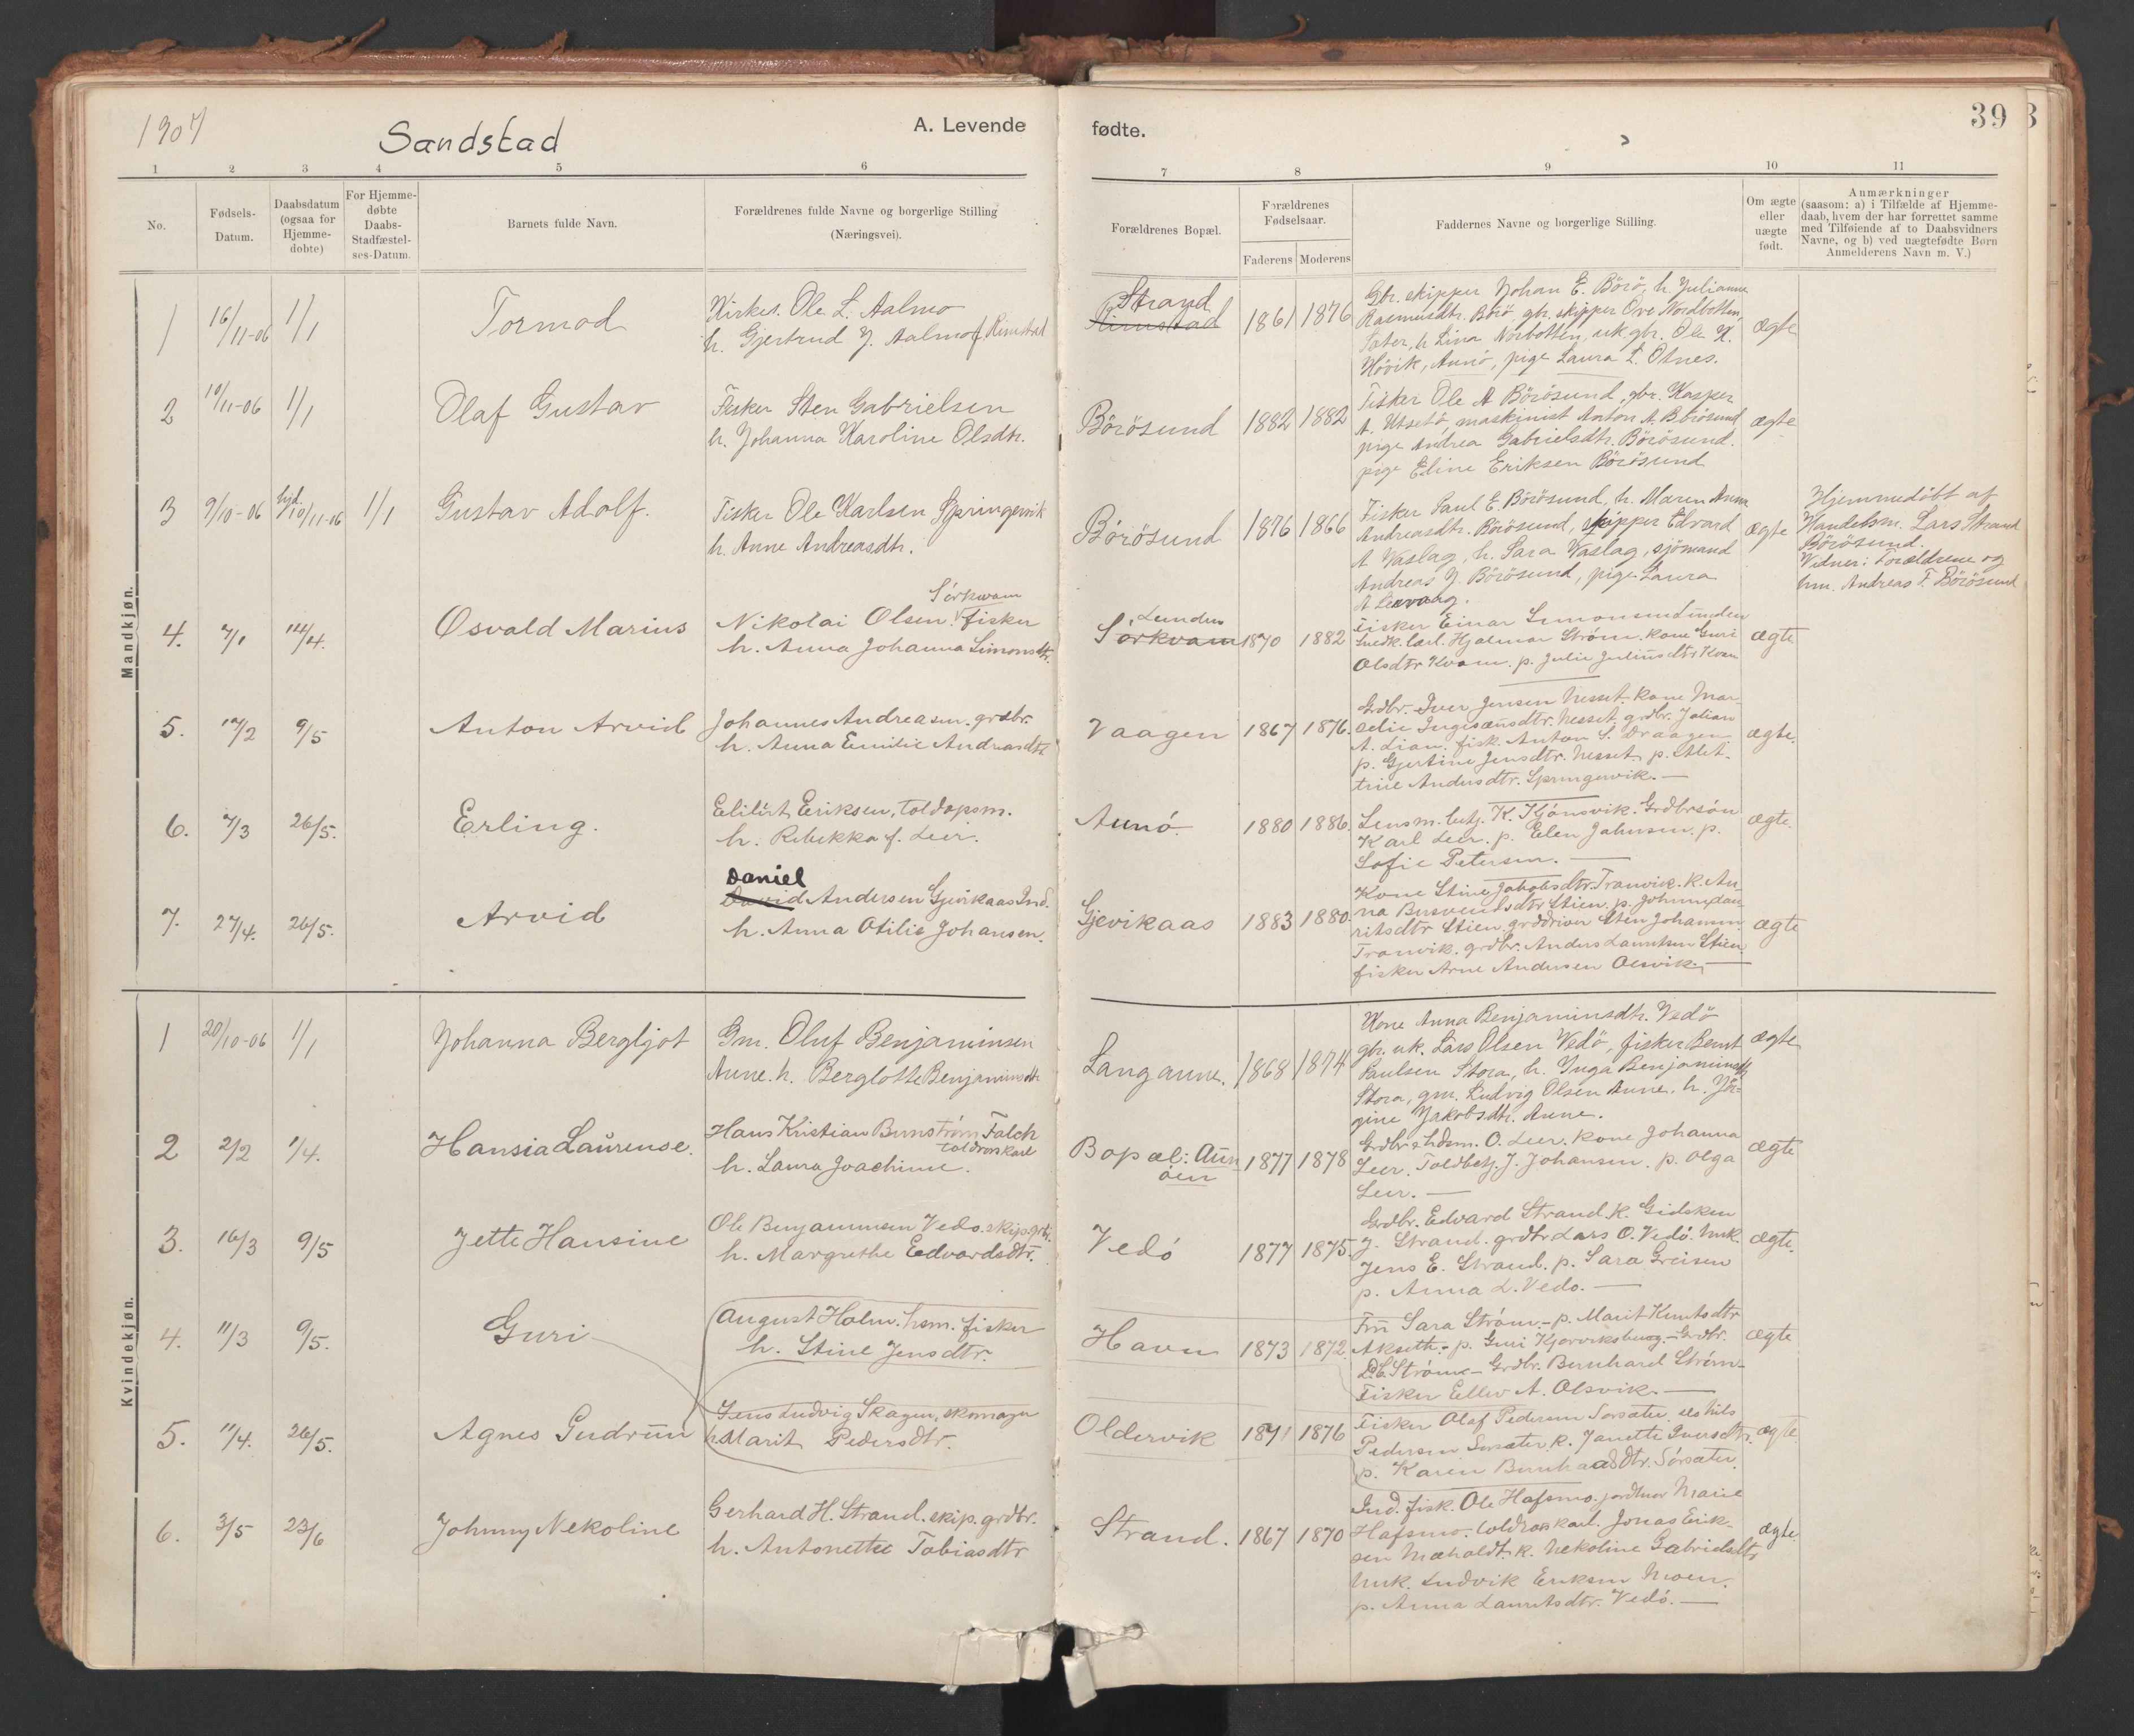 SAT, Ministerialprotokoller, klokkerbøker og fødselsregistre - Sør-Trøndelag, 639/L0572: Ministerialbok nr. 639A01, 1890-1920, s. 39